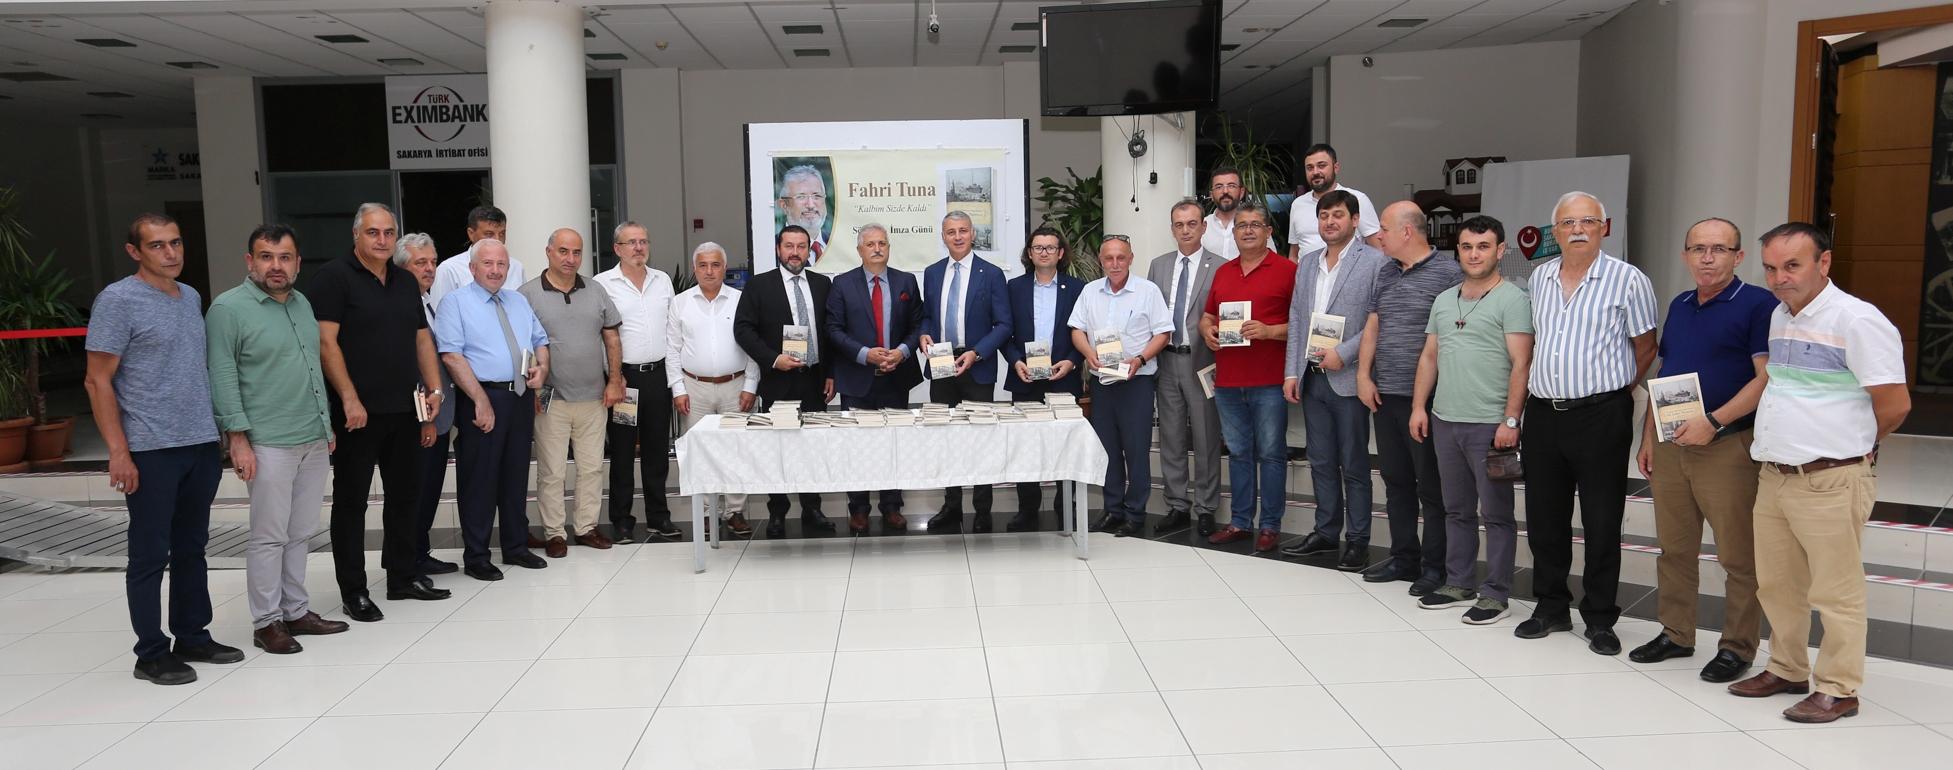 Sakaryalı Yazar Fahri Tuna kitabını imzaladı